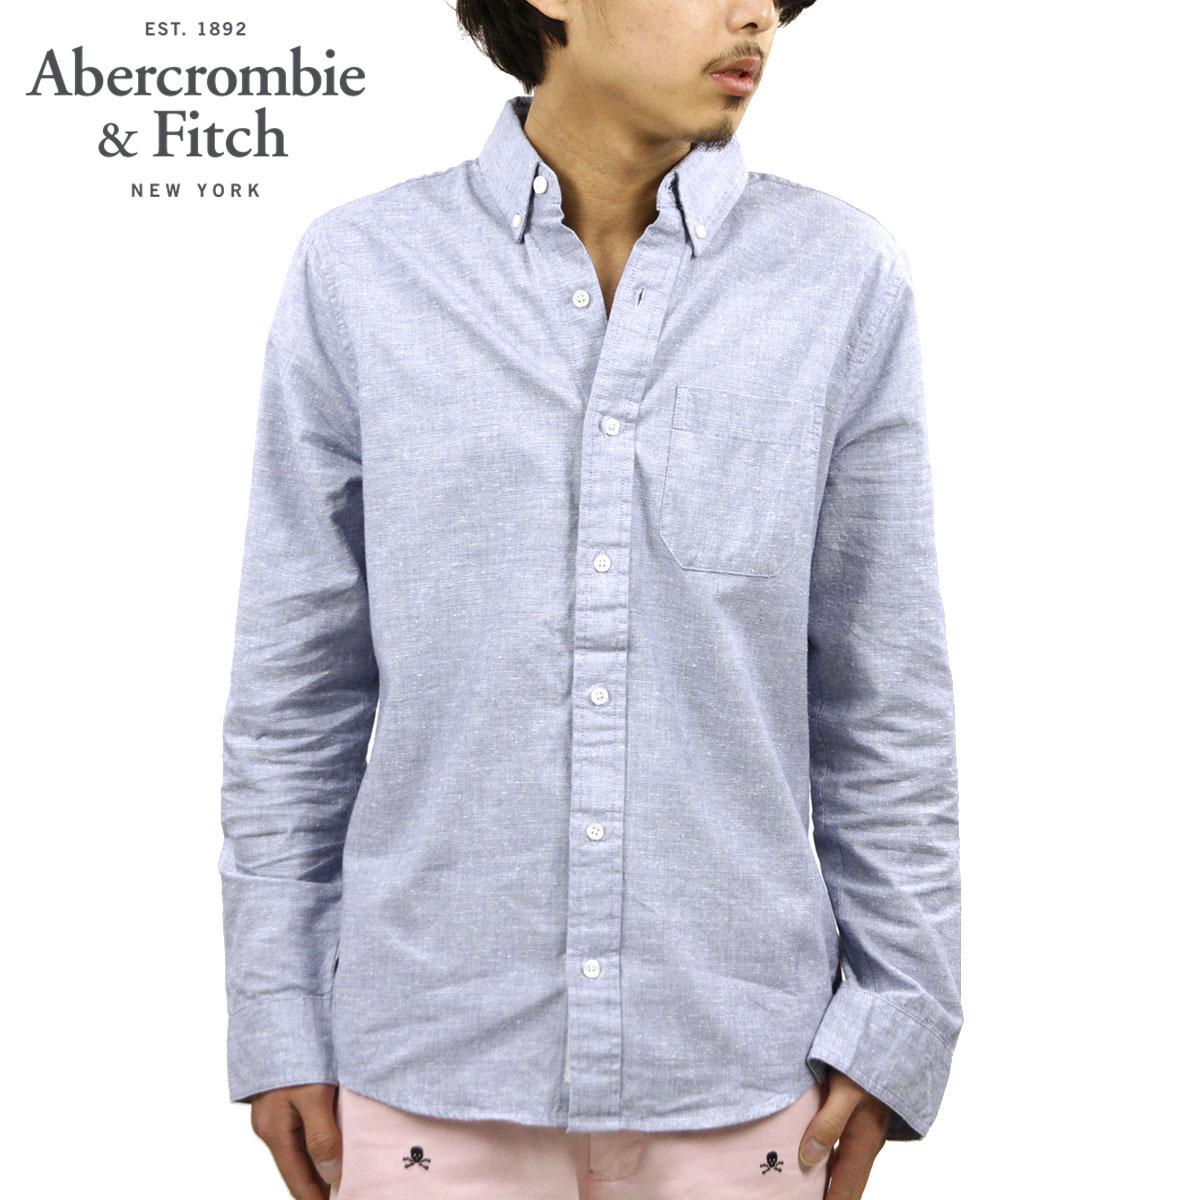 アバクロ Abercrombie&Fitch 正規品 メンズ 長袖シャツ TEXTURED SHIRT 125-168-2155-222 D00S20